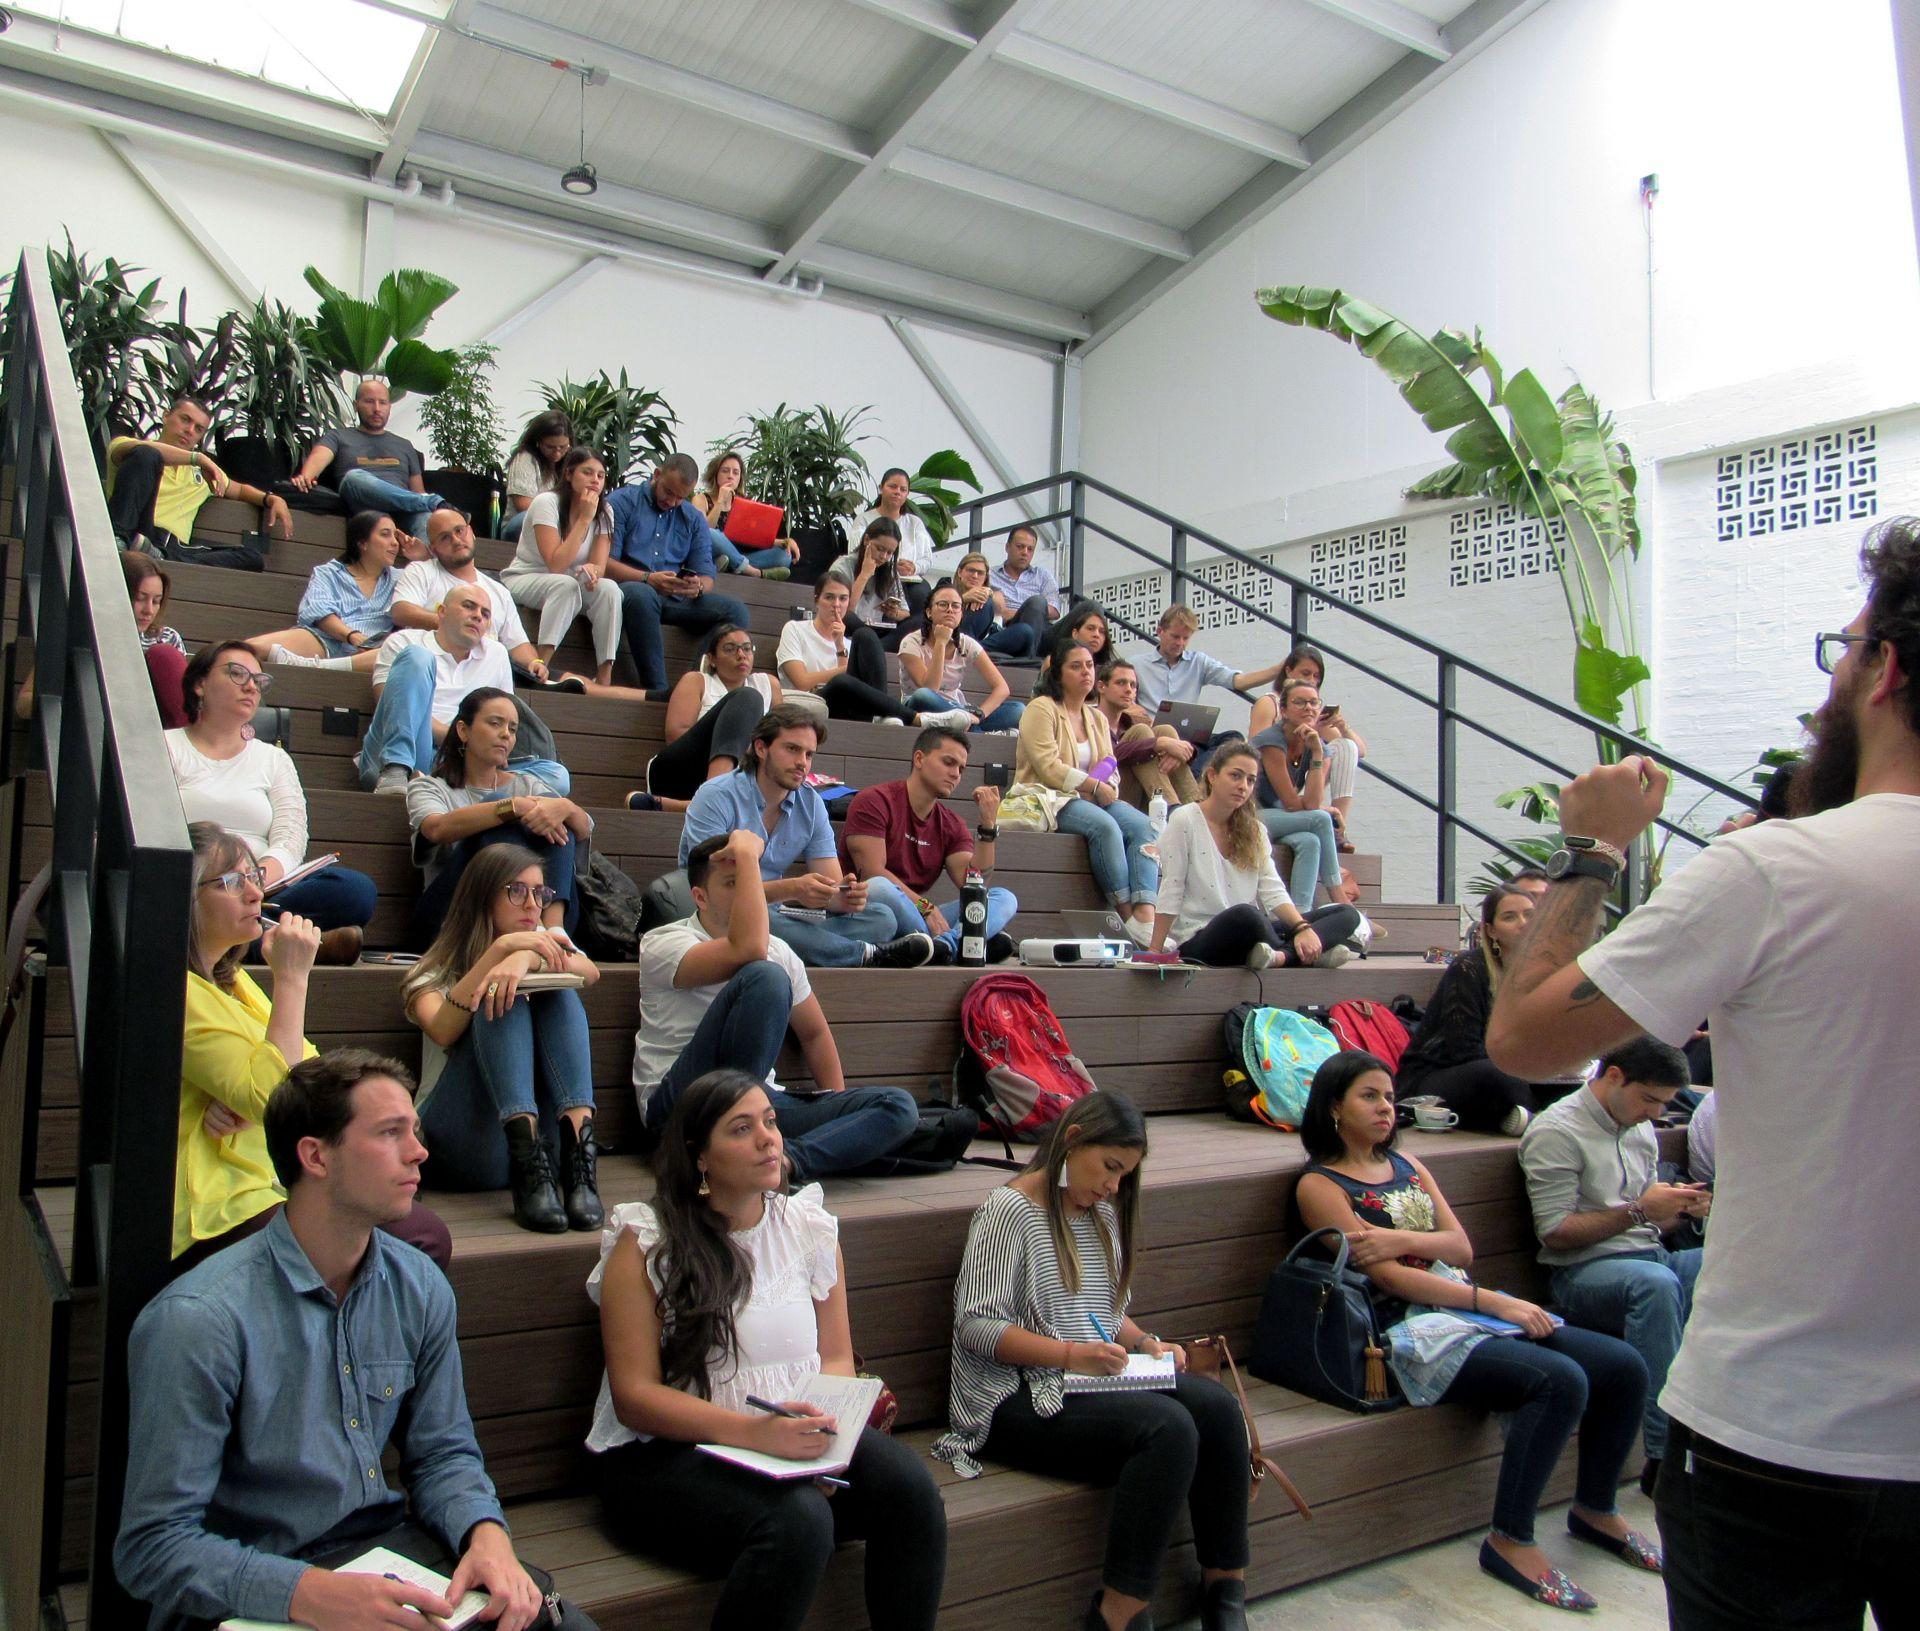 Impact Hub Medellin - Noi, Medellin